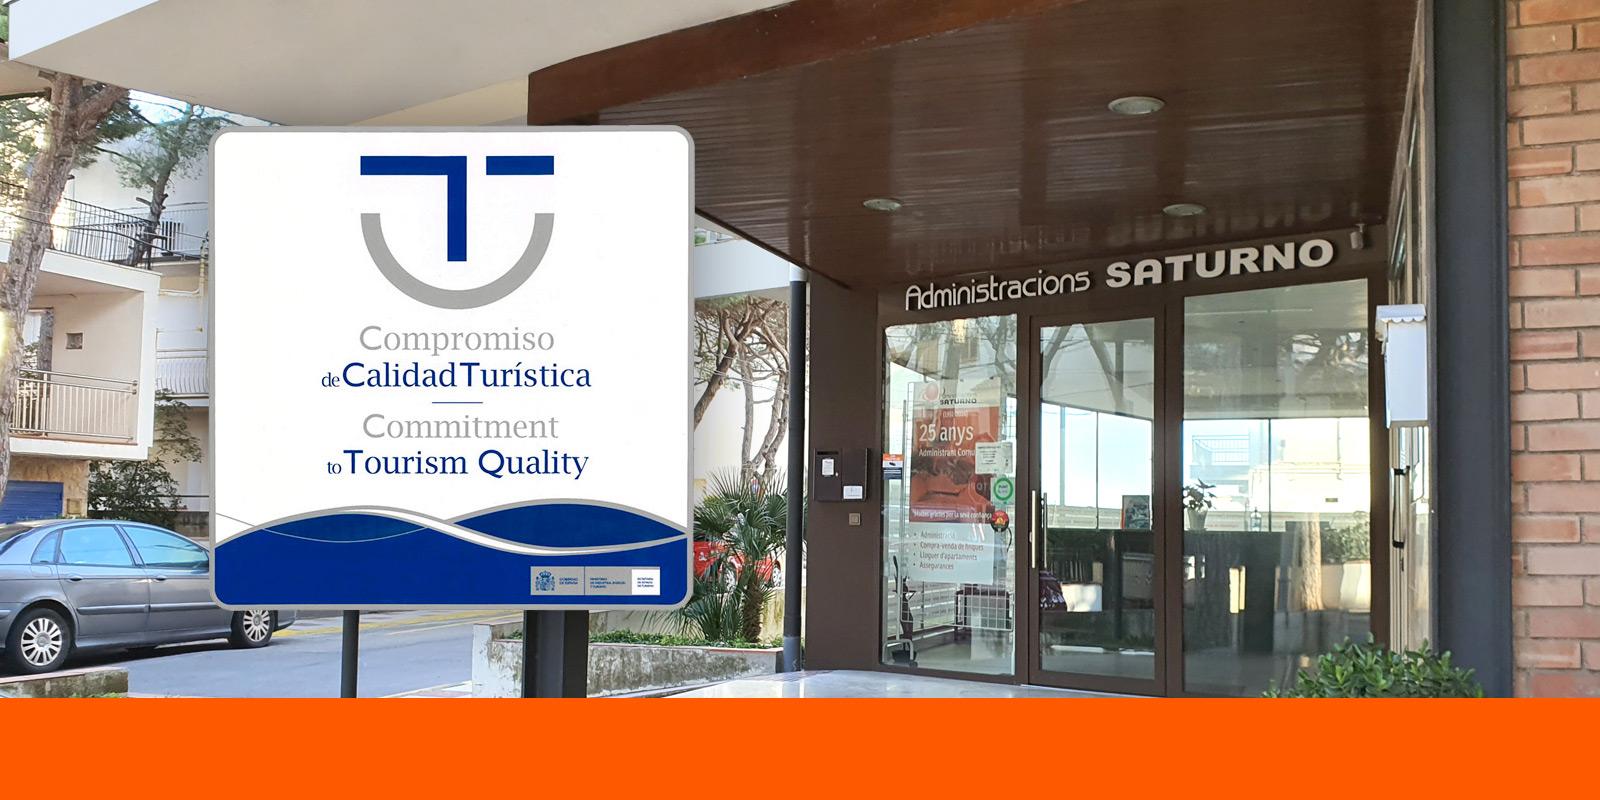 Administracions Saturno reconocida con sello CTT